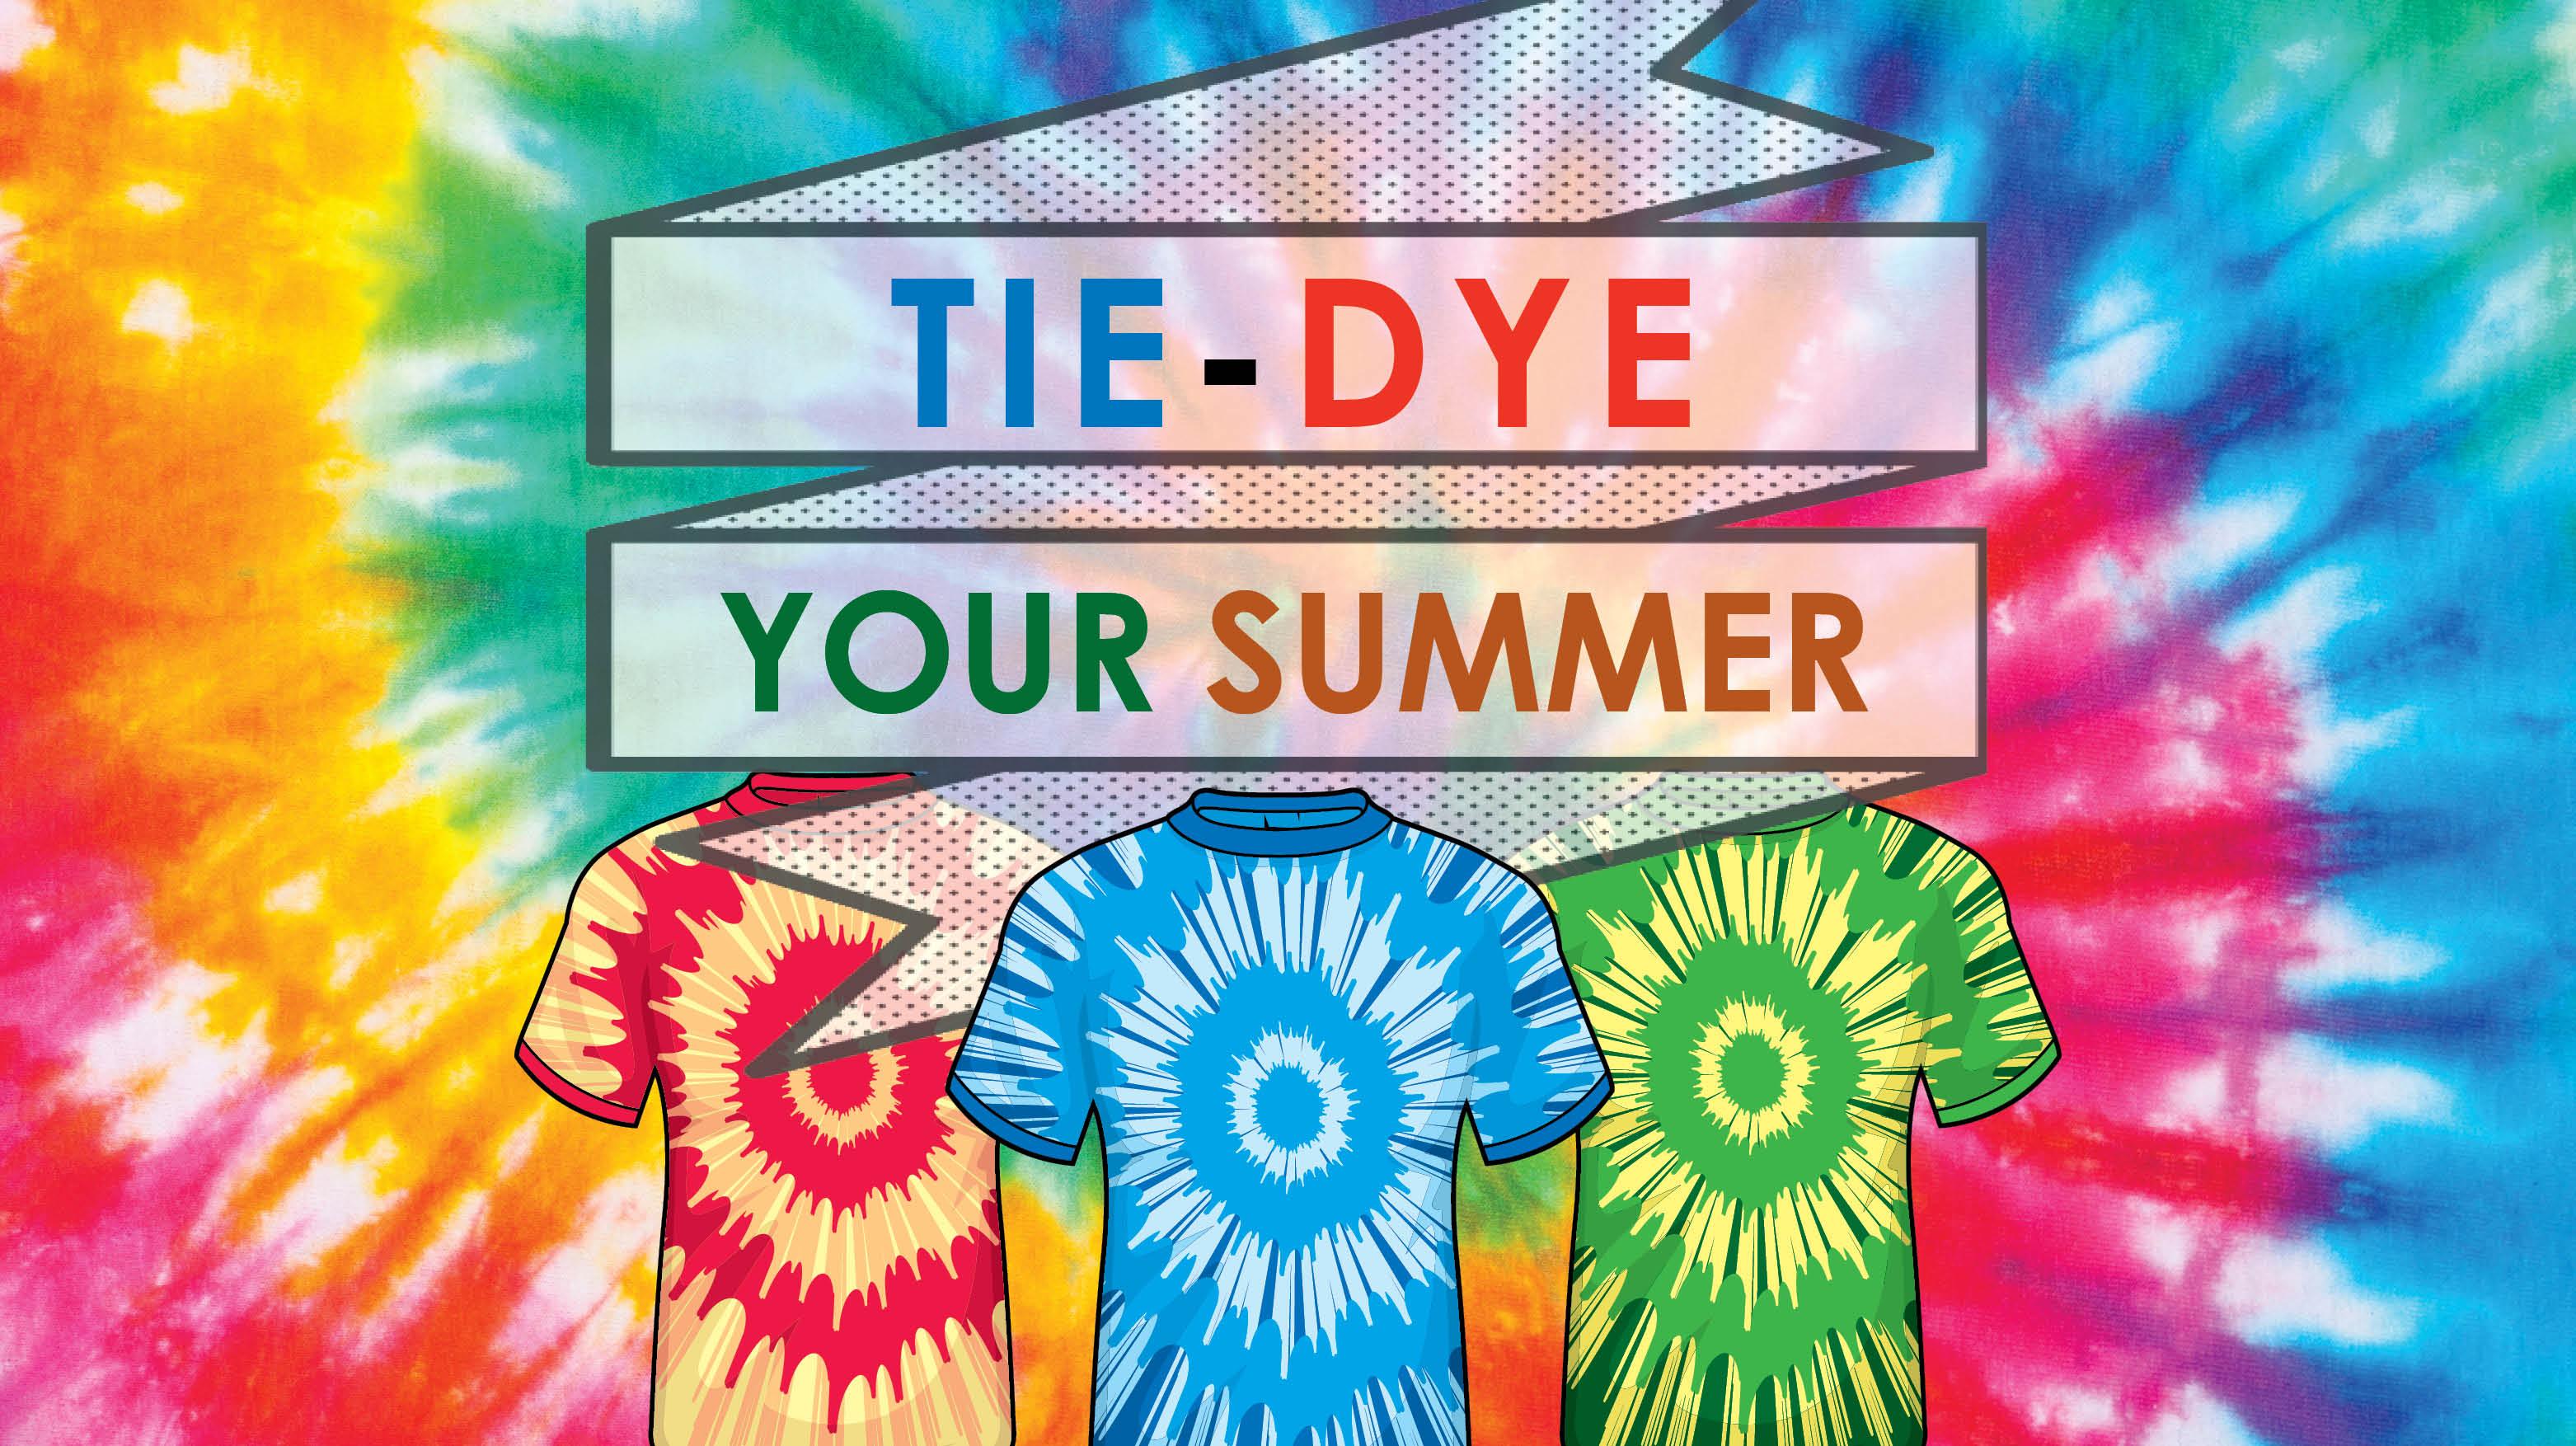 Tie-Dye Your Summer